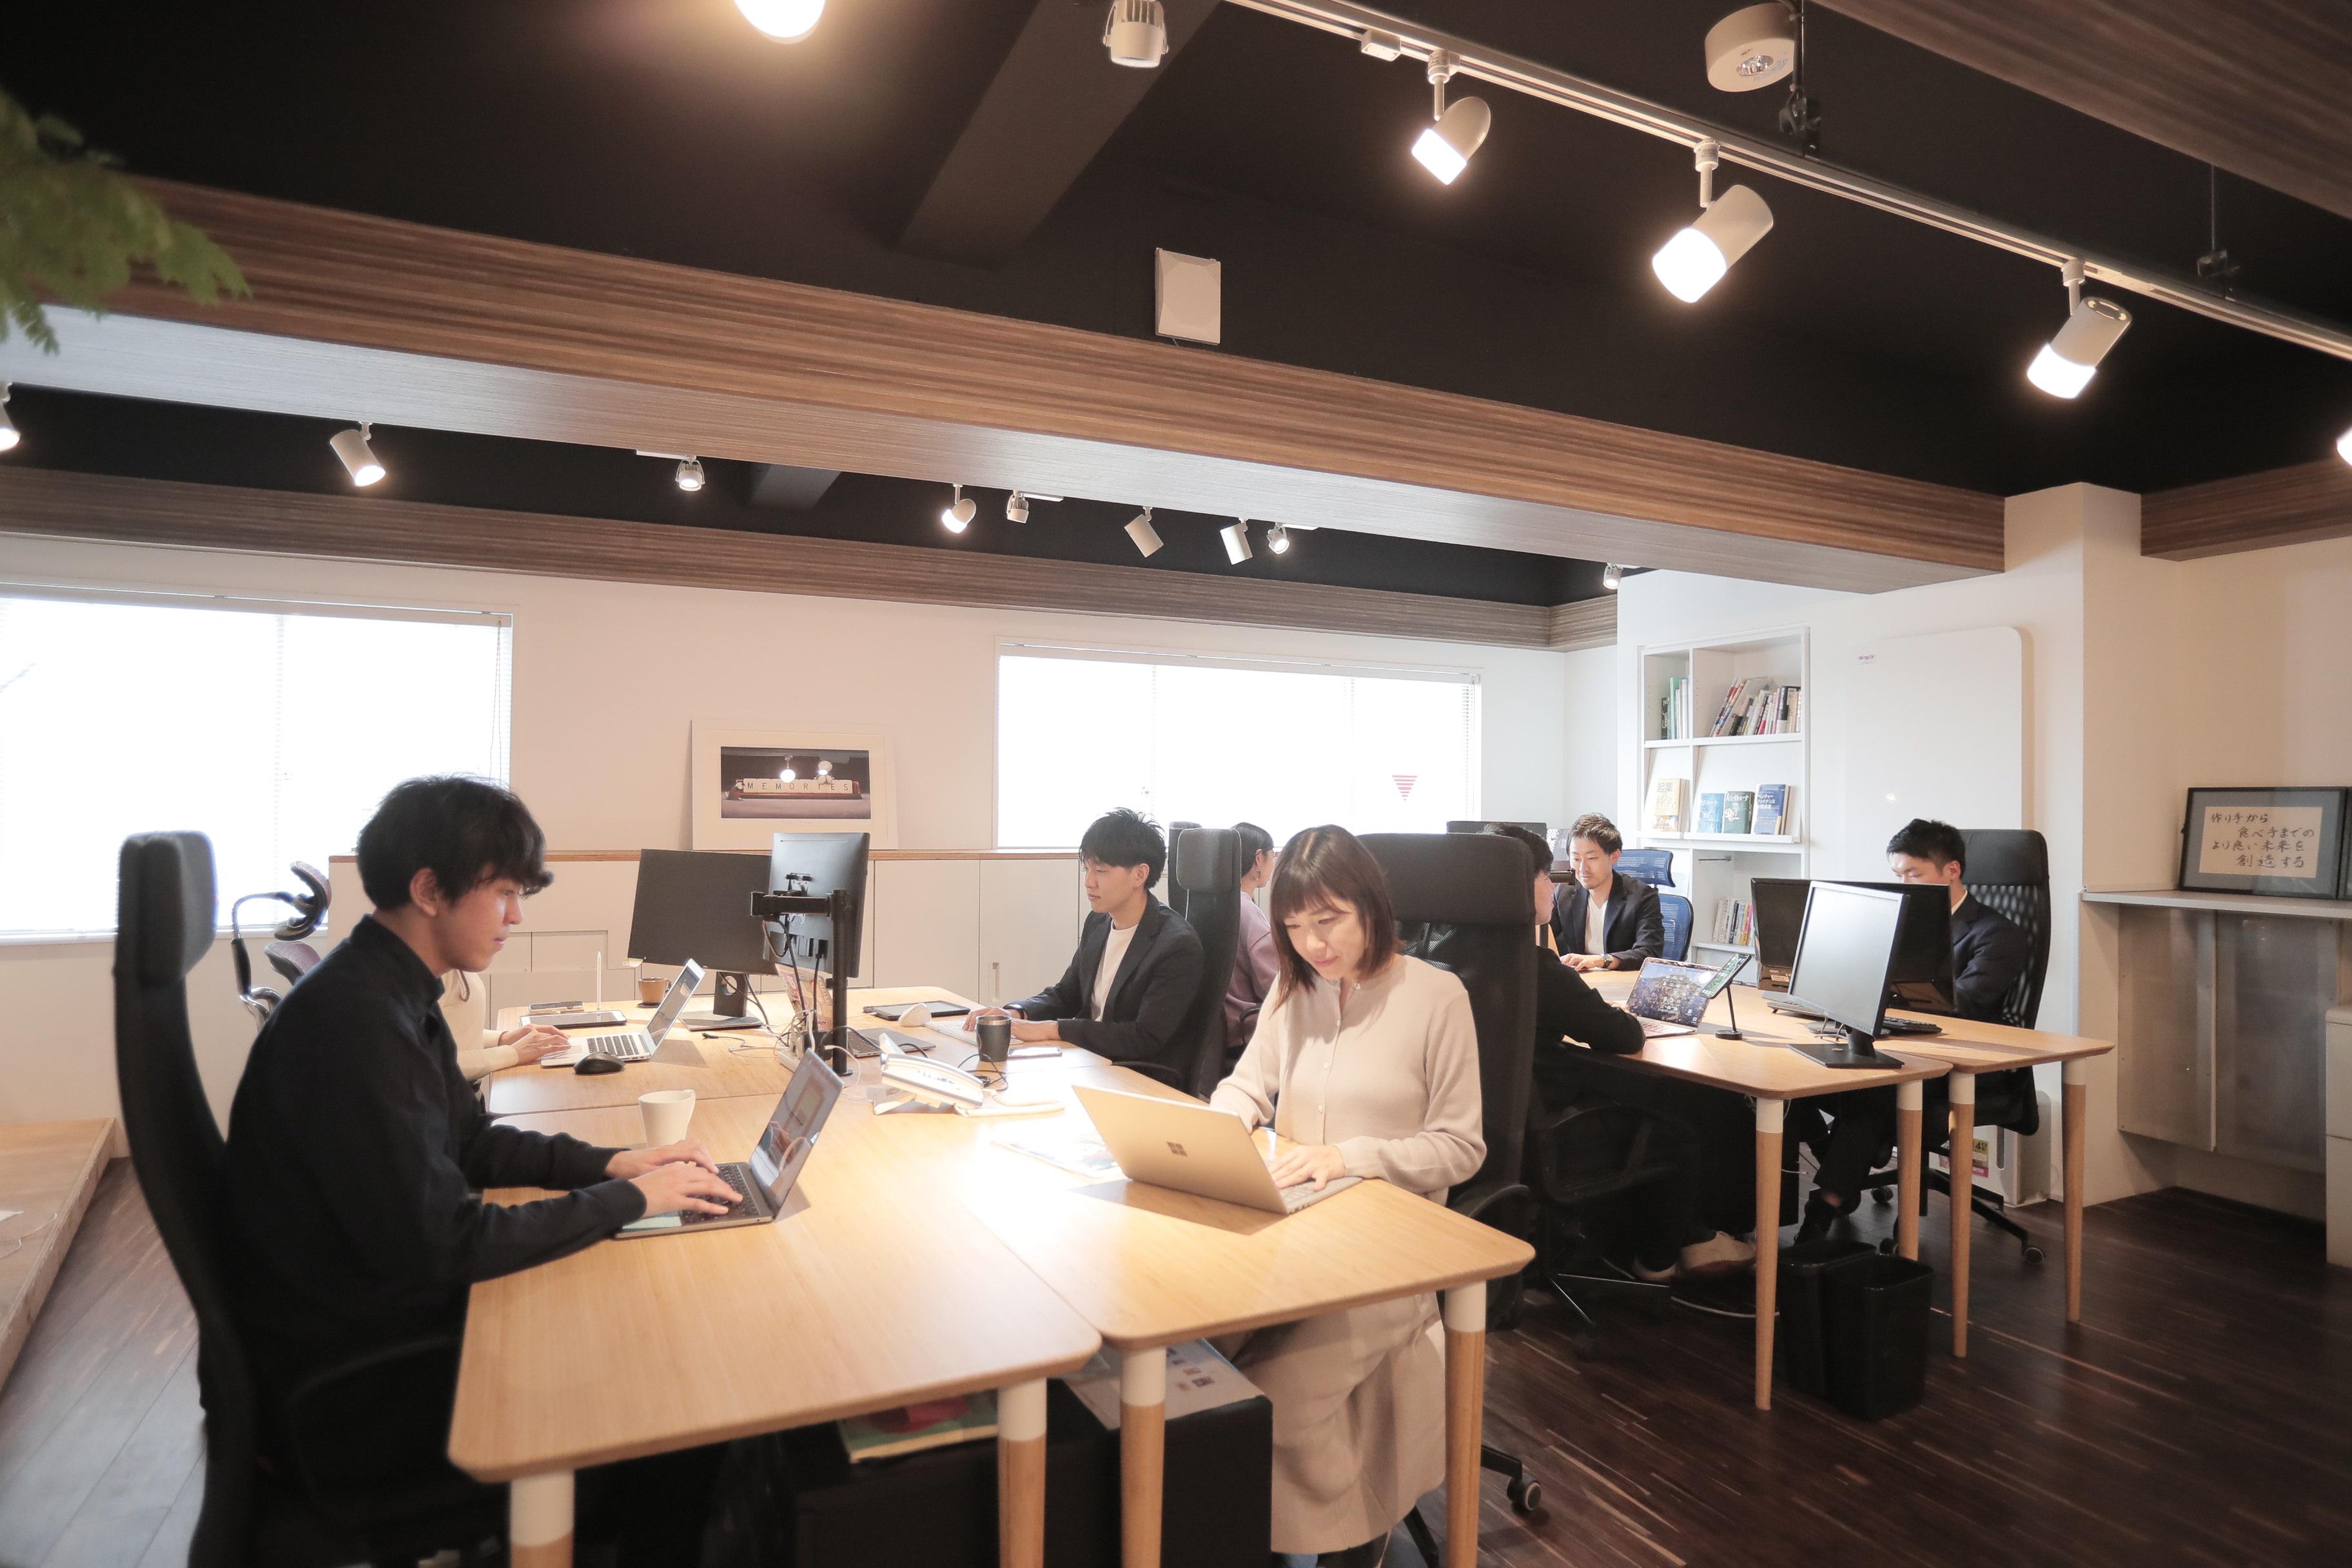 カフェのようなオシャレなオフィスで職場環境にこだわっています!